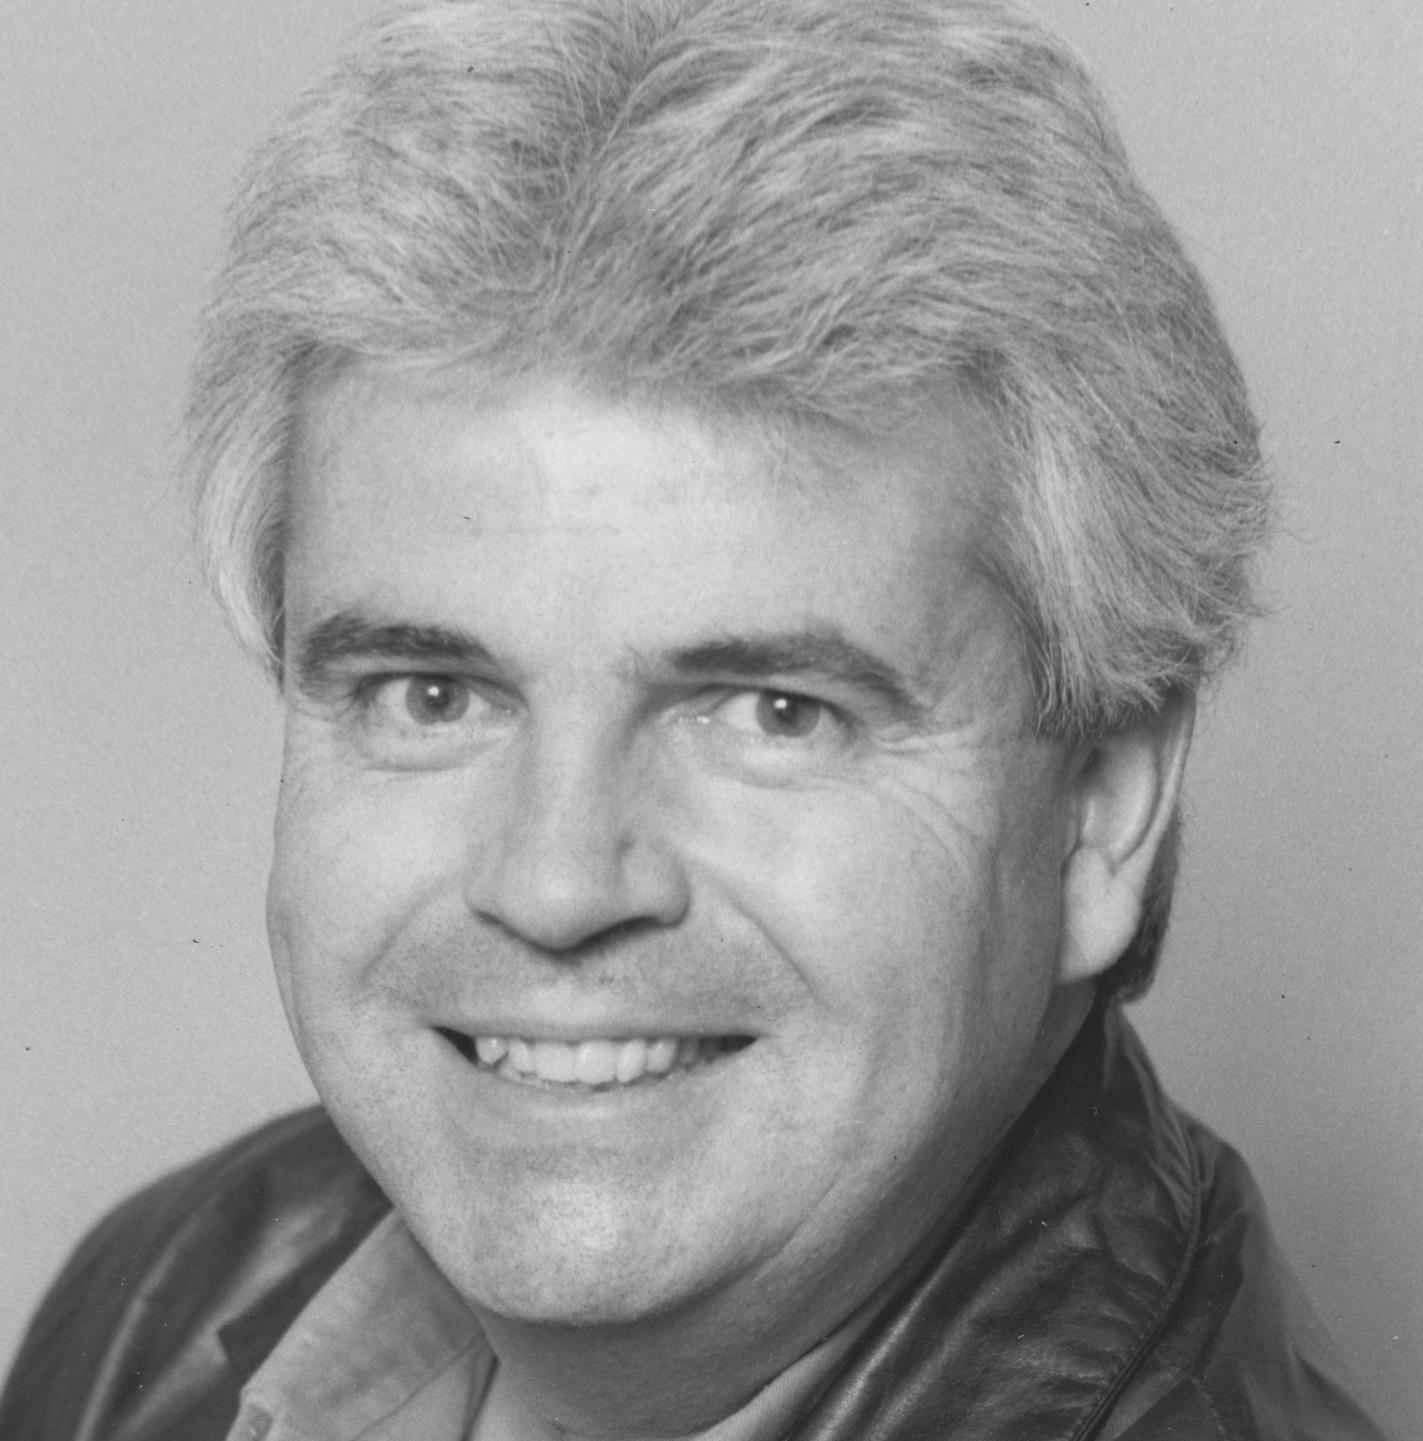 Jeffrey Peter Bates